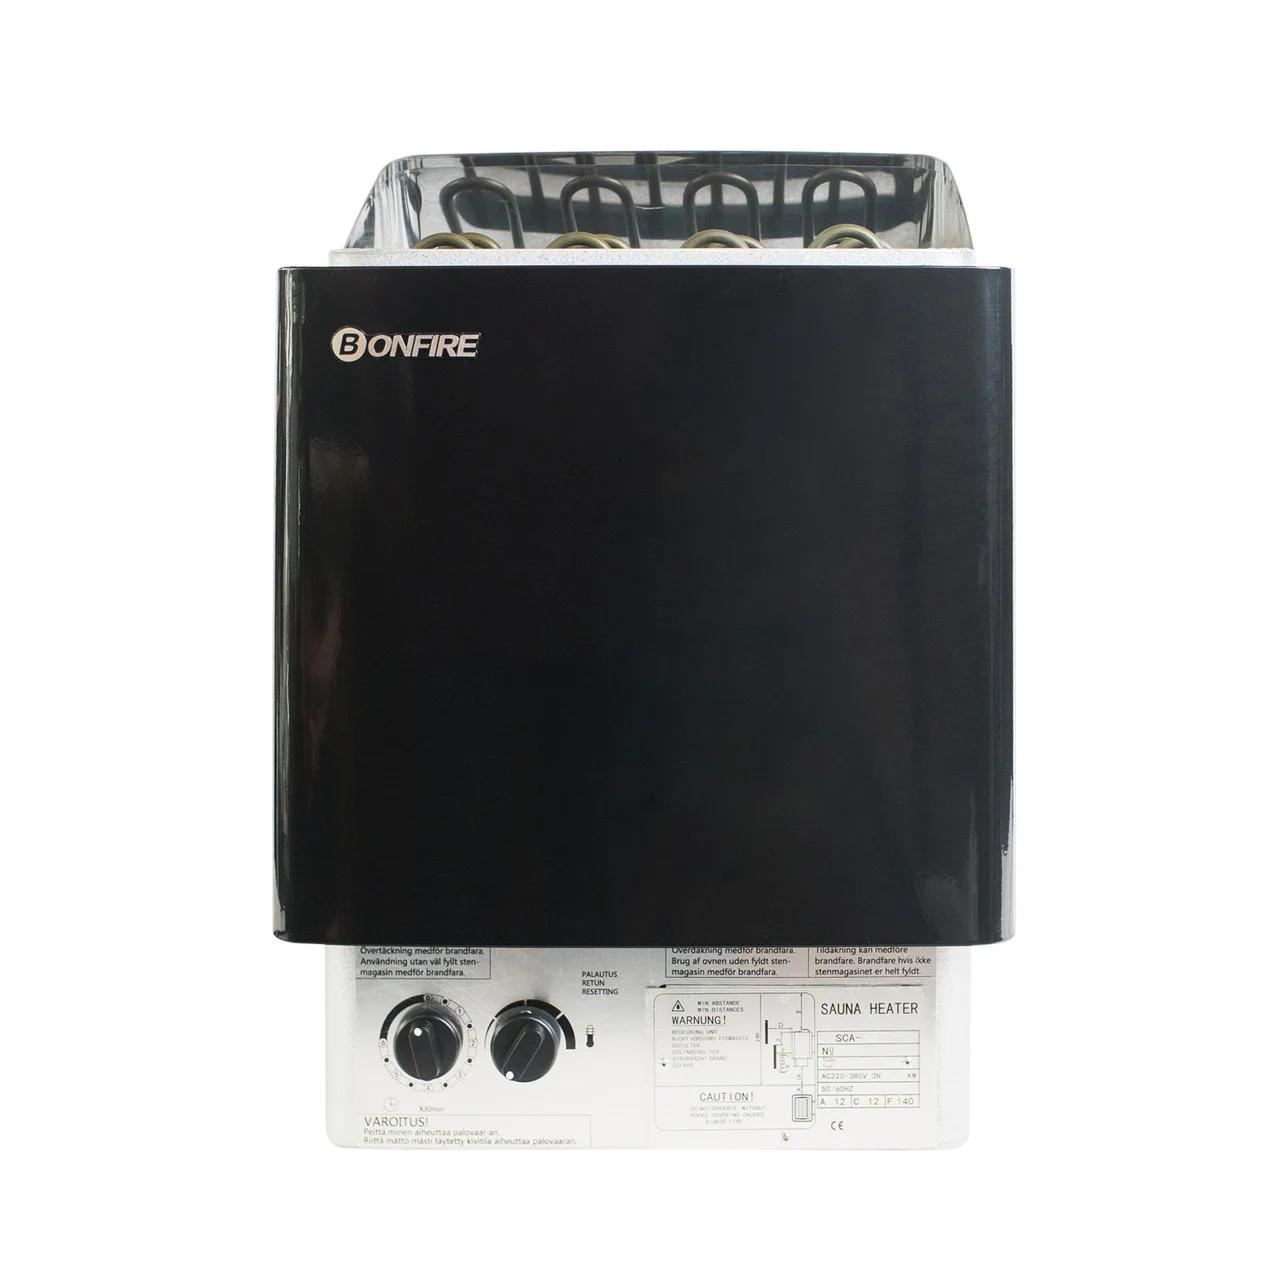 Настенная электрическая печь для сауны Bonfire SCA-60NS 6 кВт объем парной 5-9 м.куб